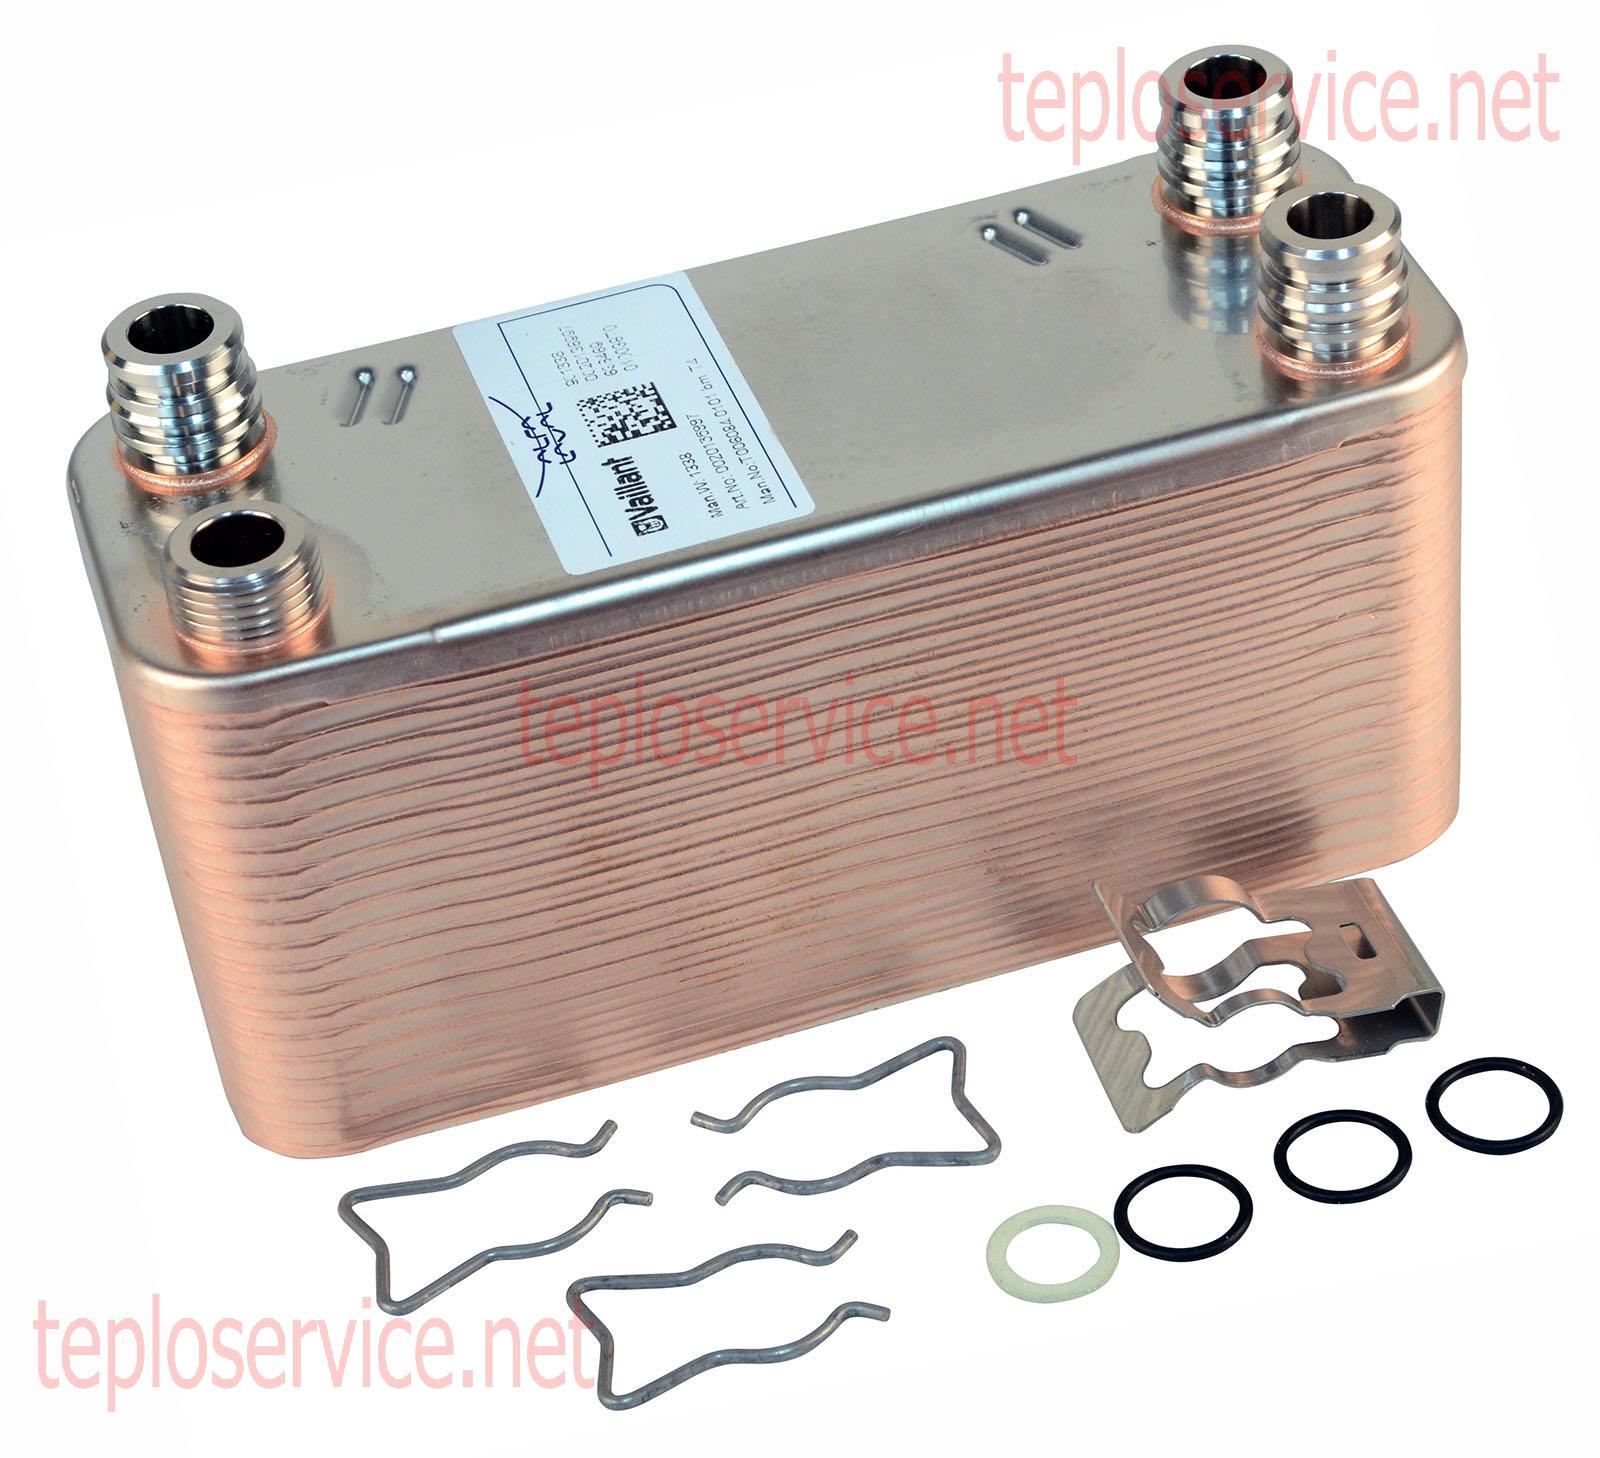 Запчасти для газовых котлов vaillant теплообменник Паяный теплообменник Машимпэкс (GEA) GWH 220 Чебоксары